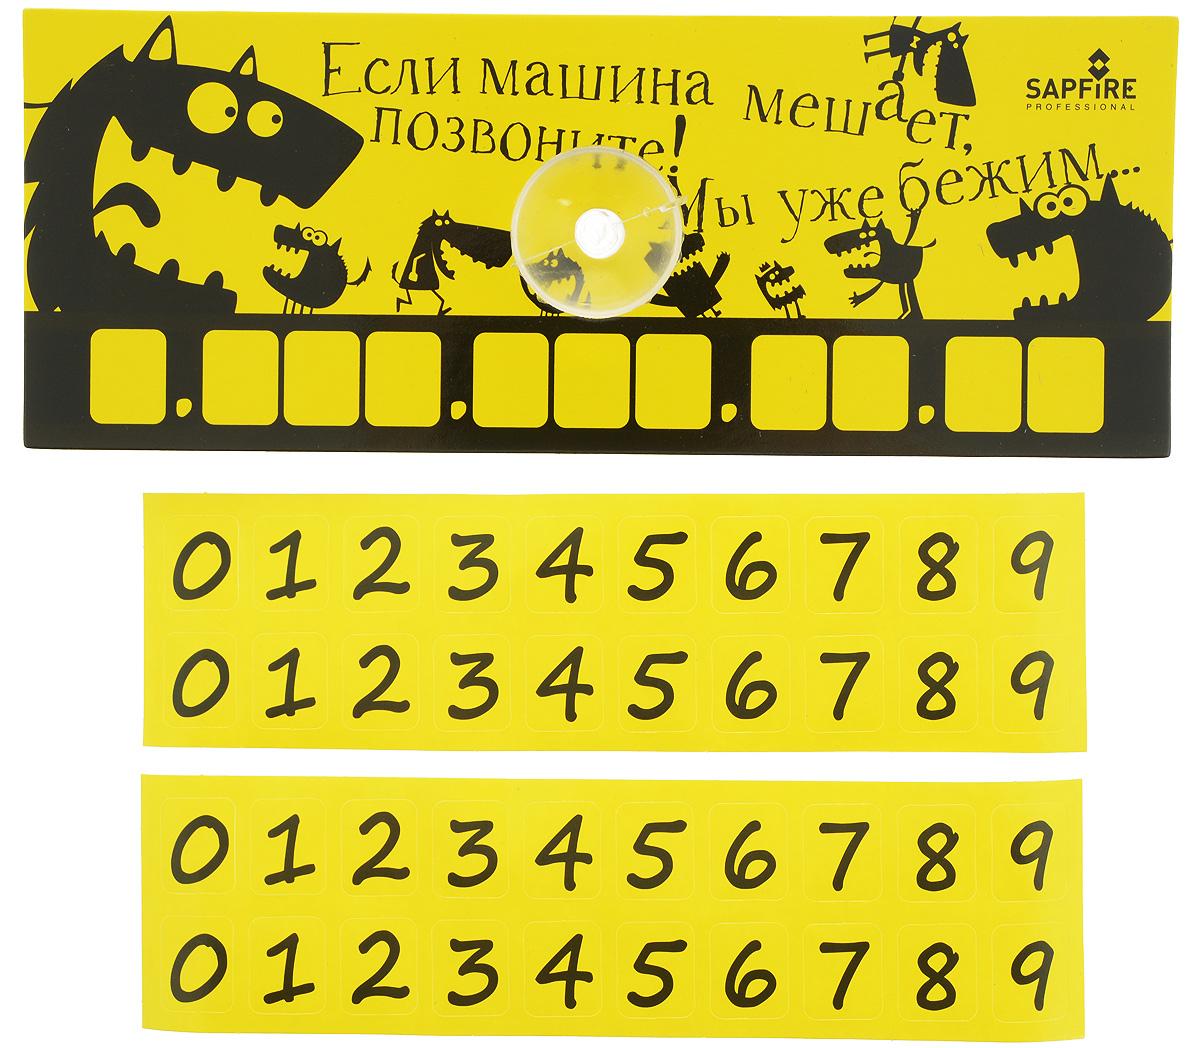 Табличка для телефонного номера на стекло Sapfire, цвет: желтый, черный, 21 х 8 см. SCH-0711SCH-0711_желтый, черныйТабличка для телефонного номера Sapfire служит для оповещения владельцев окружающих транспортных средств о способе связаться с вами, в случае, если вы их заблокировали своим автомобилем. Крепится на присоску. В комплект входят 2 набора наклеек с цифрами.